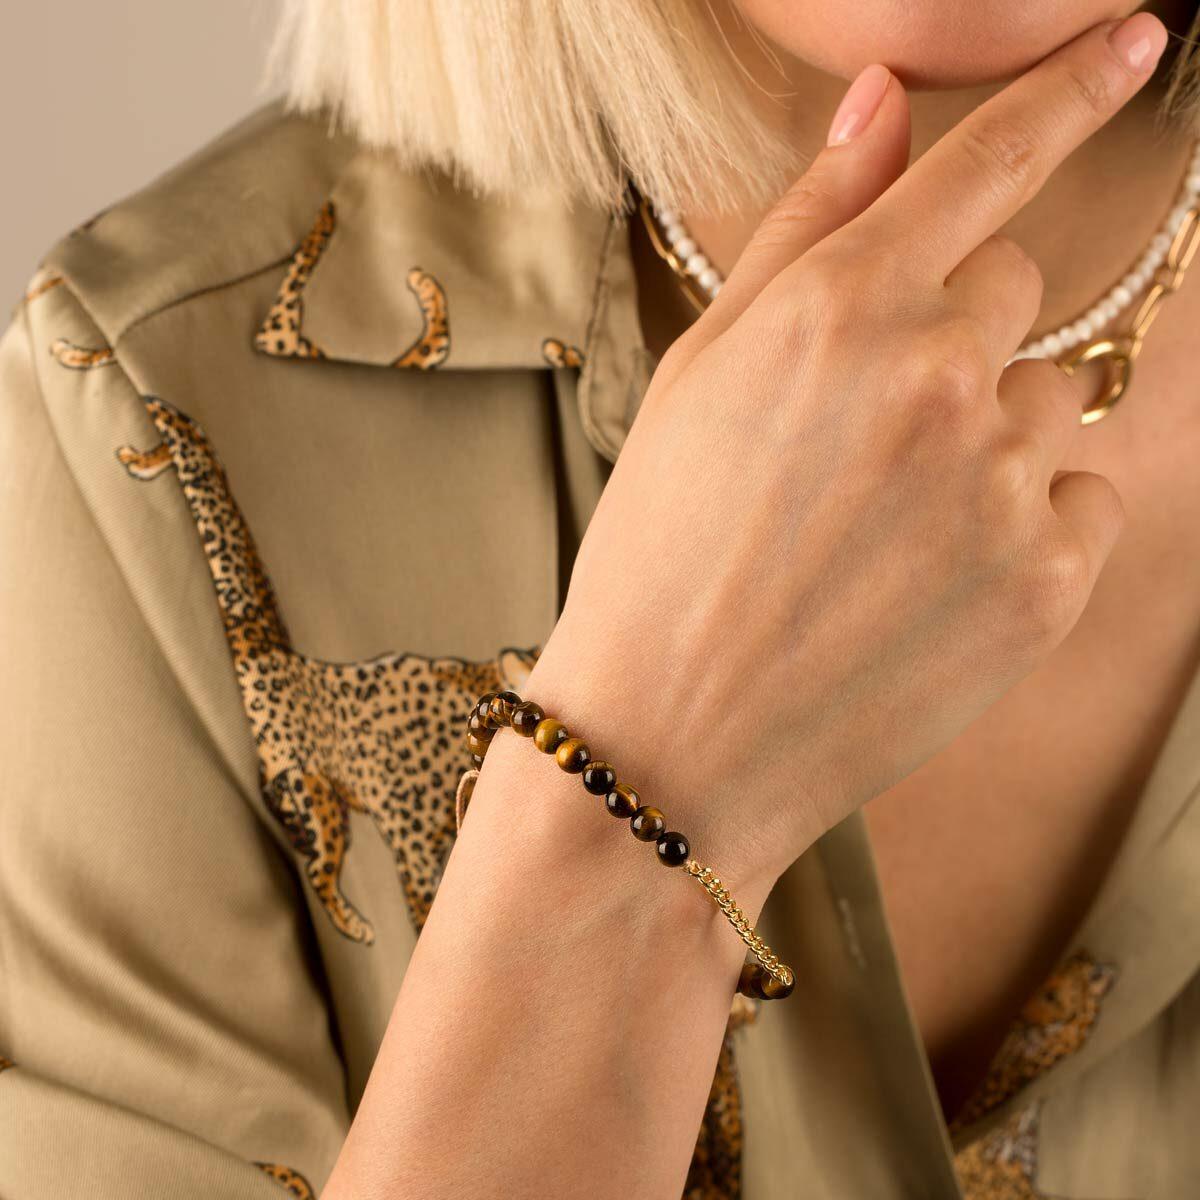 دستبند طلا سنگی پانزده حلقه کارتیه و تایگرز آی